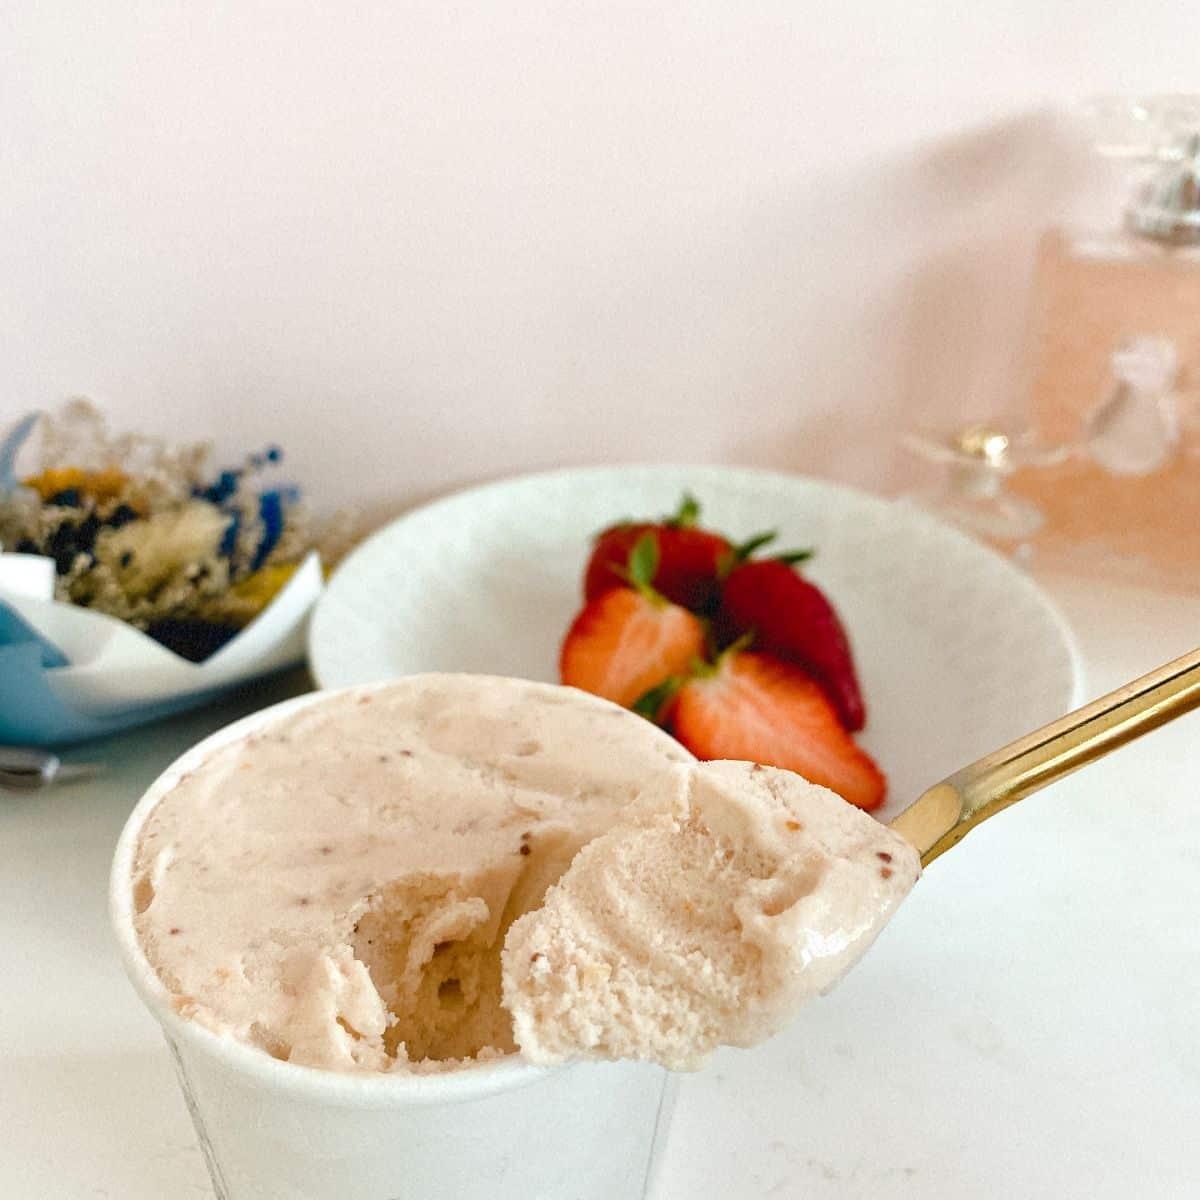 冰淇淋脆皮餅乾